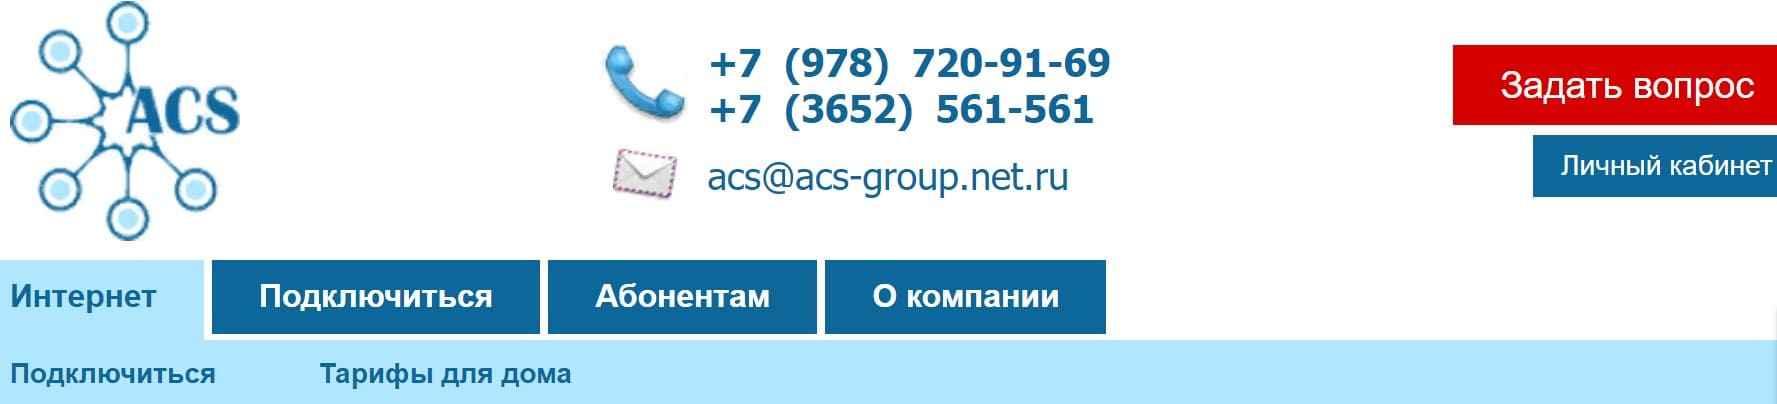 ACS интернет личный кабинет